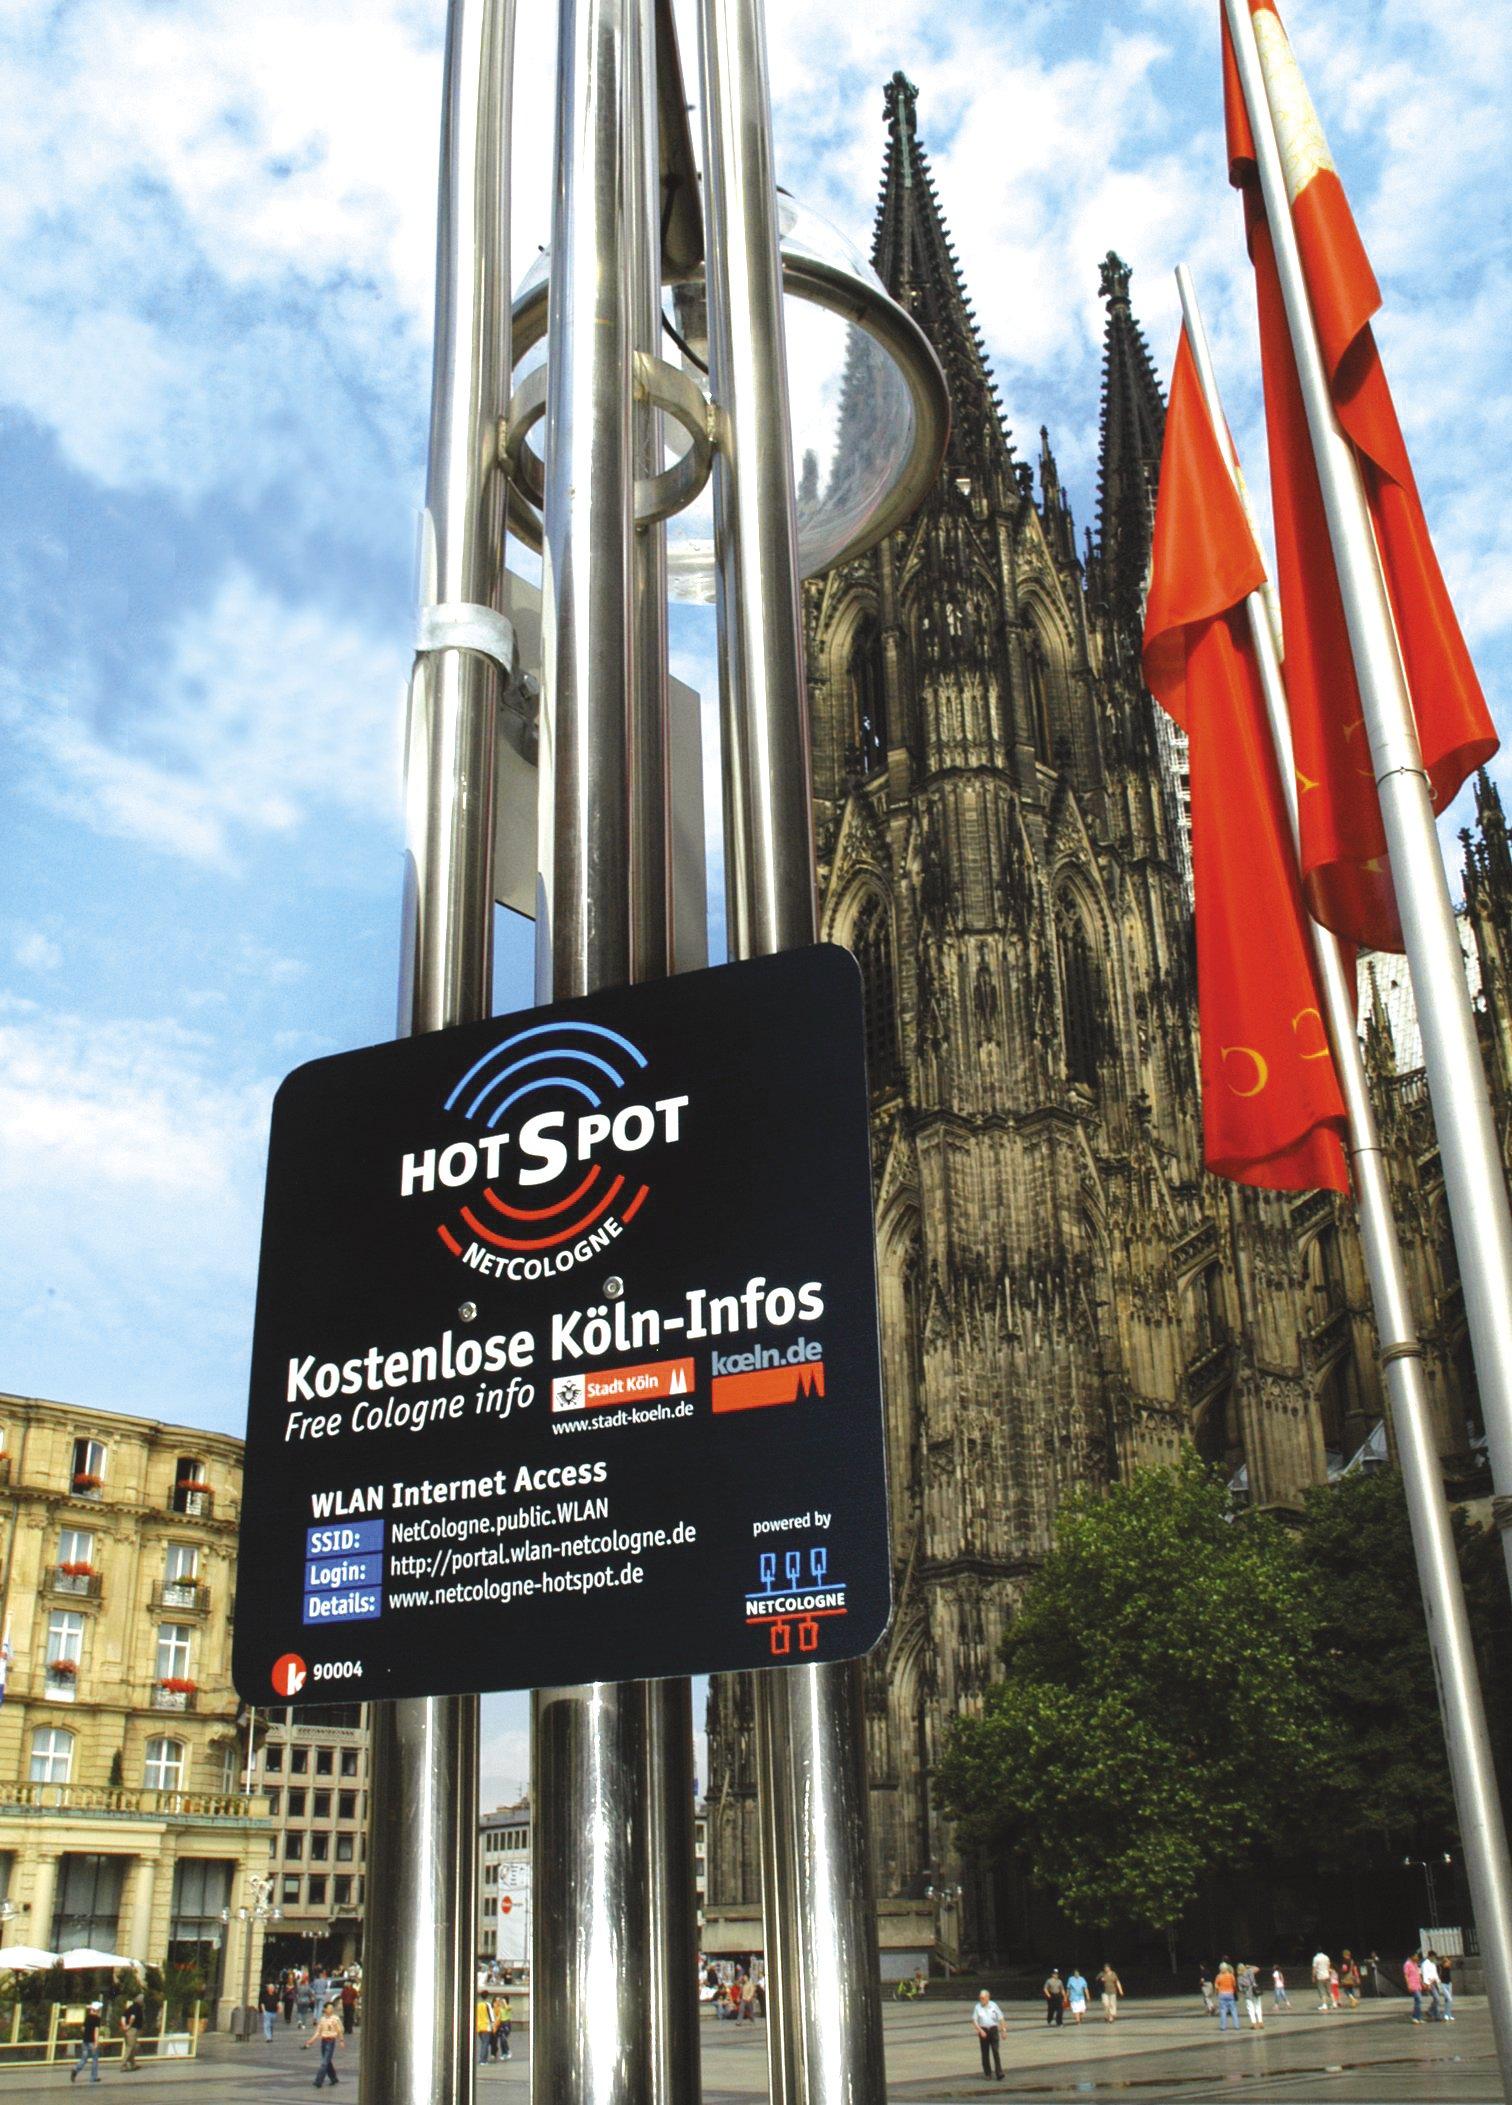 Öffentlicher Hotspot von Netcologne in Köln: Die Bundesnetzagentur befürchtet, dass über die anonymen Hotspots Kriminelle und Terroristen ihre Taten vorbereiten.